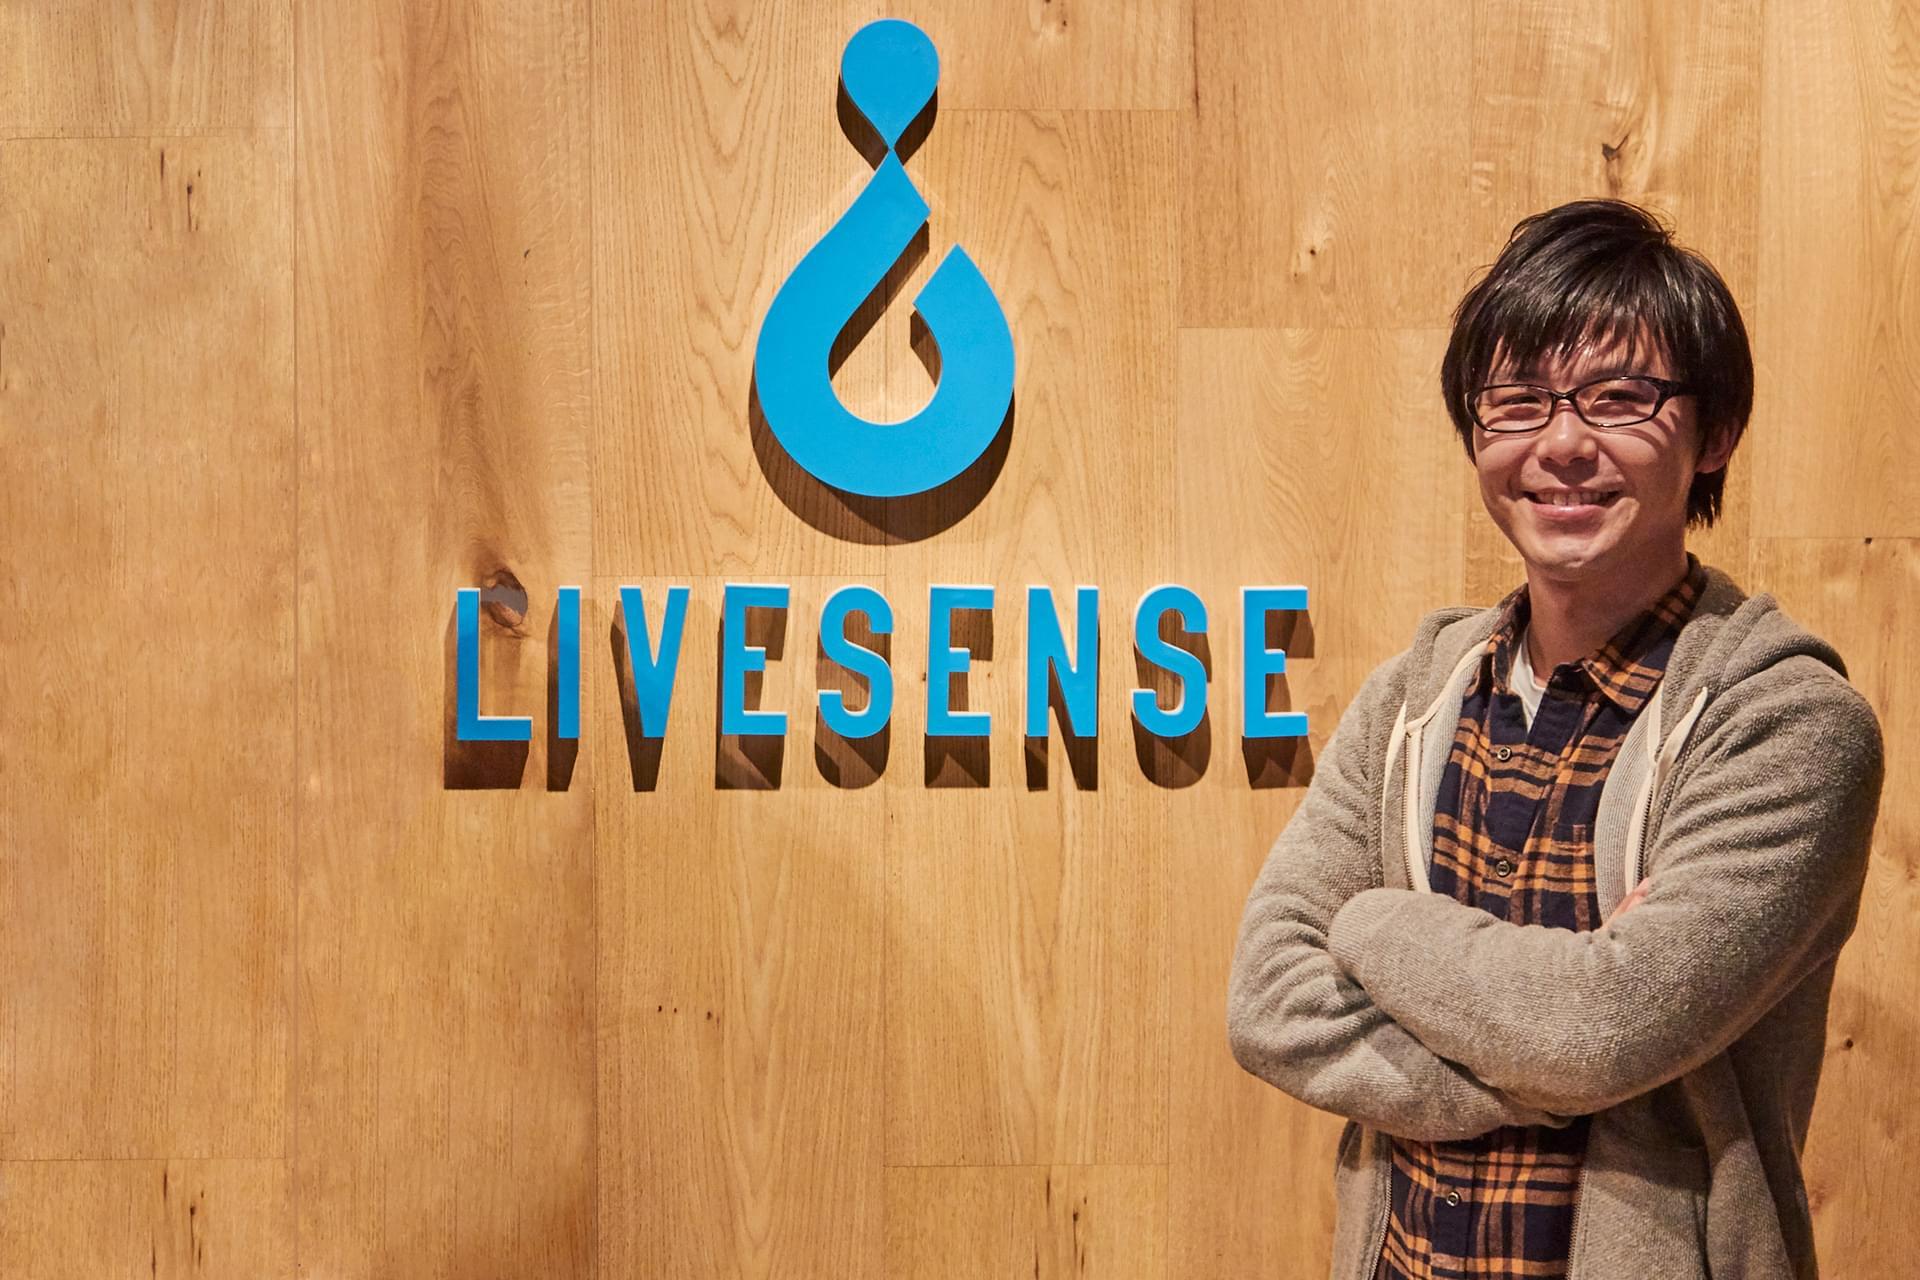 Livesense main